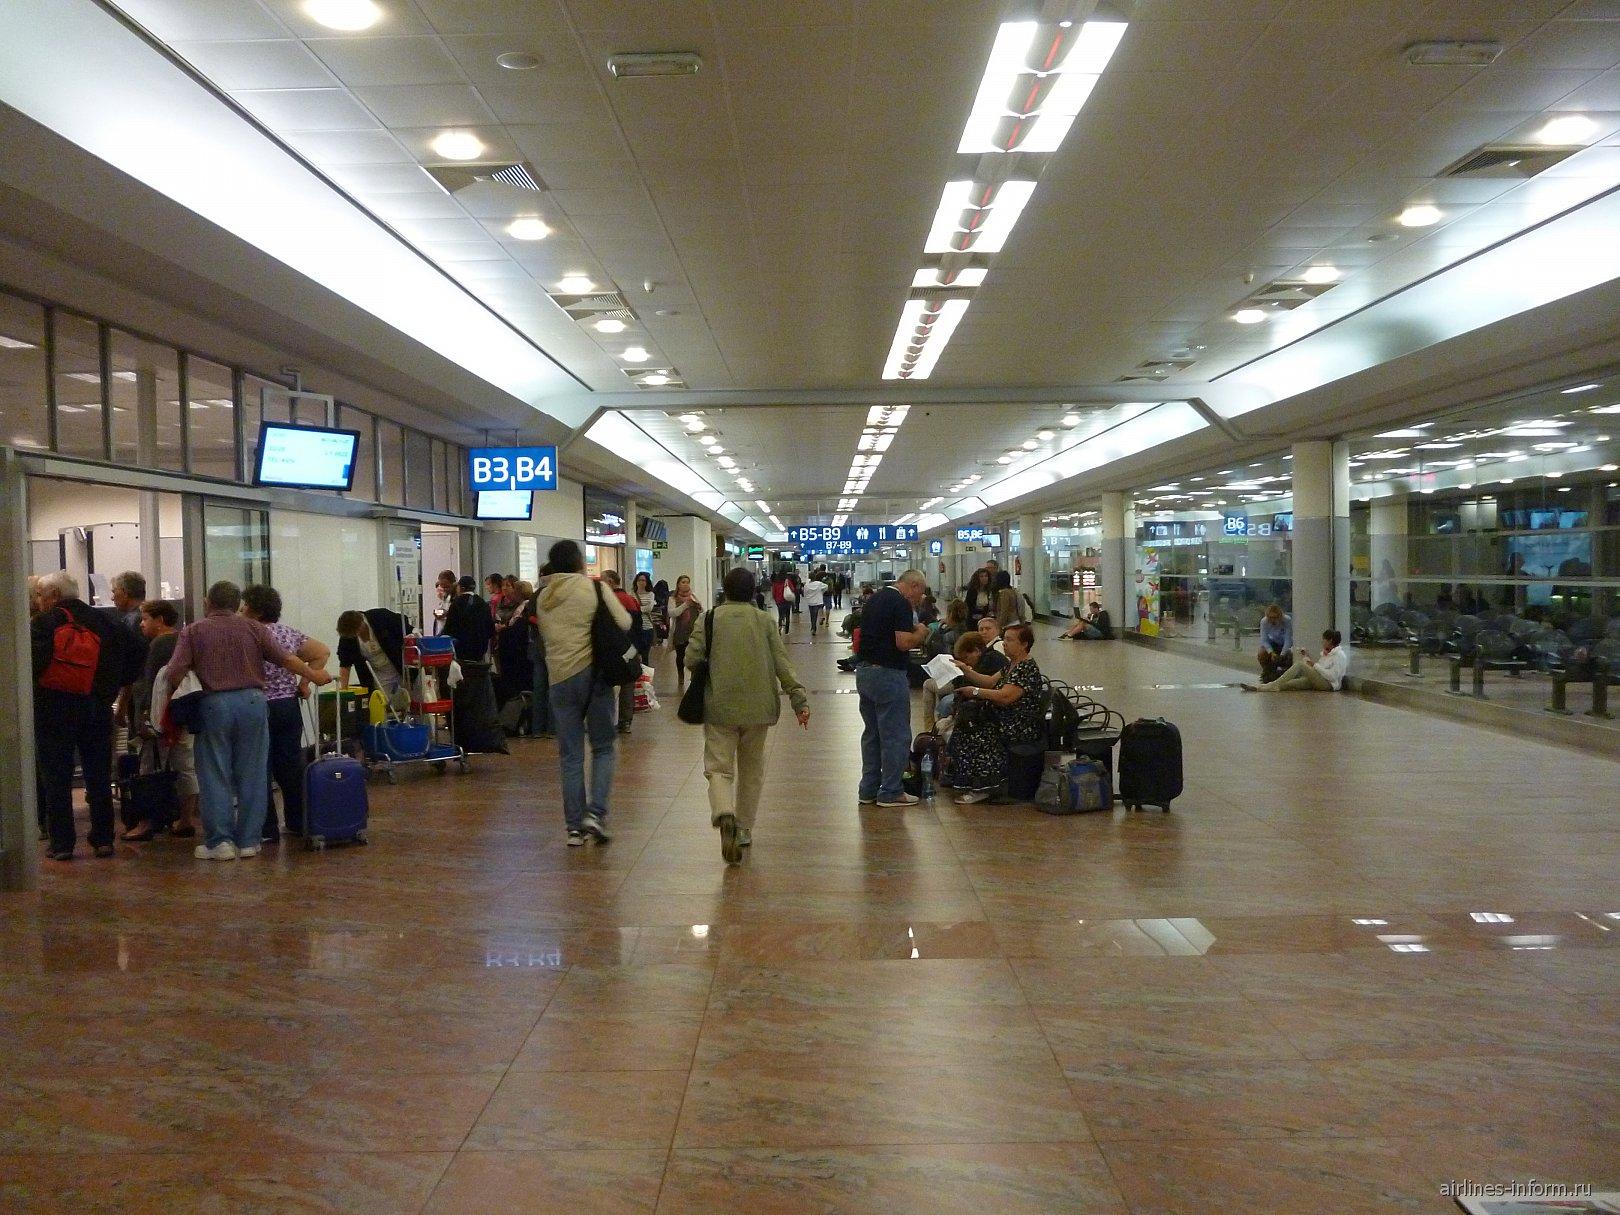 Внутри зоны B терминала 1 аэропорта Прага Рузине